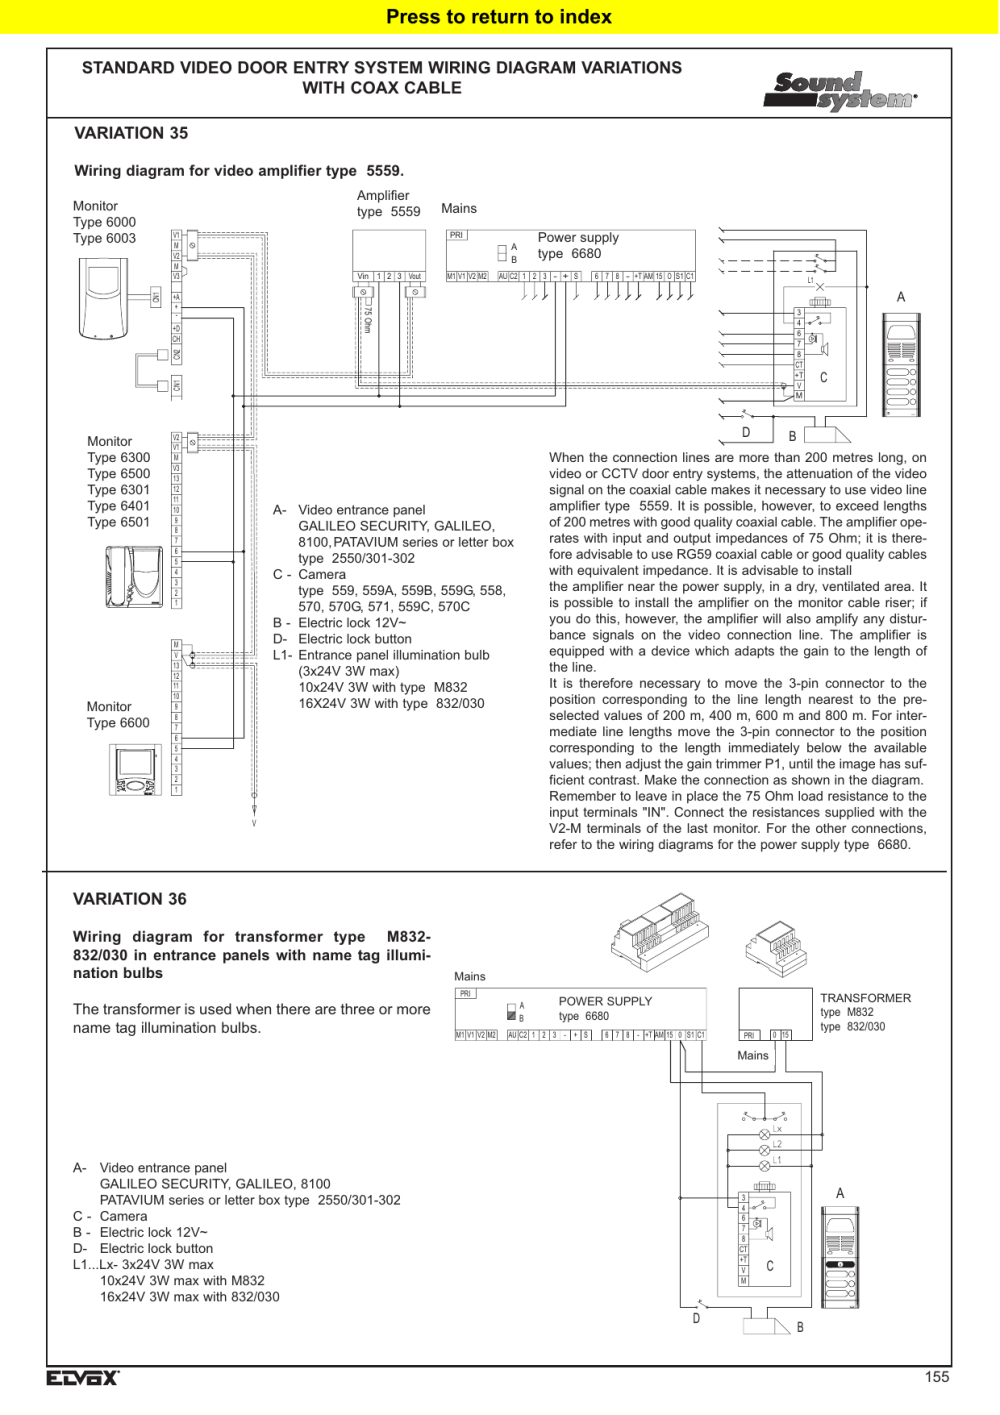 medium resolution of variation 36 standard video door entry system wiring diagram